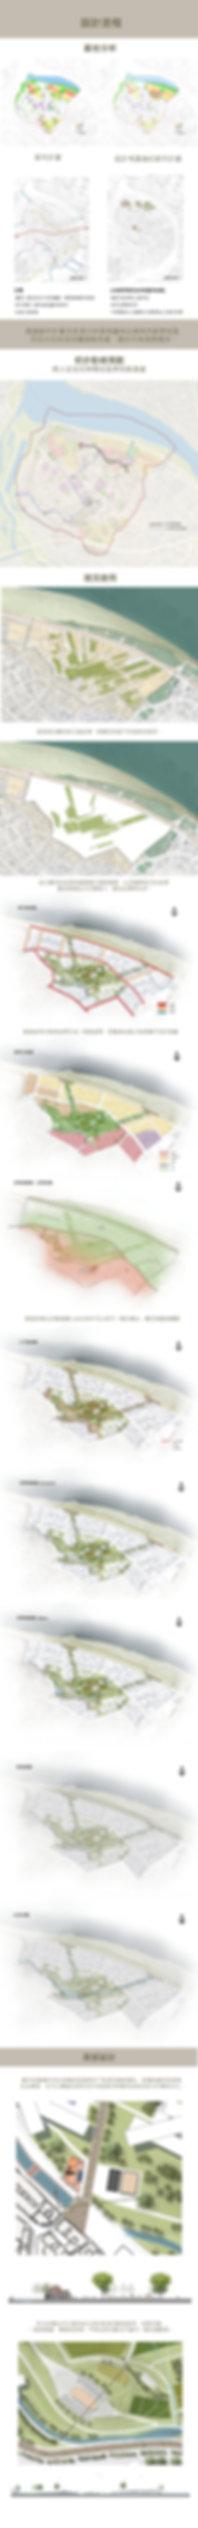 中原_11內文2.jpg